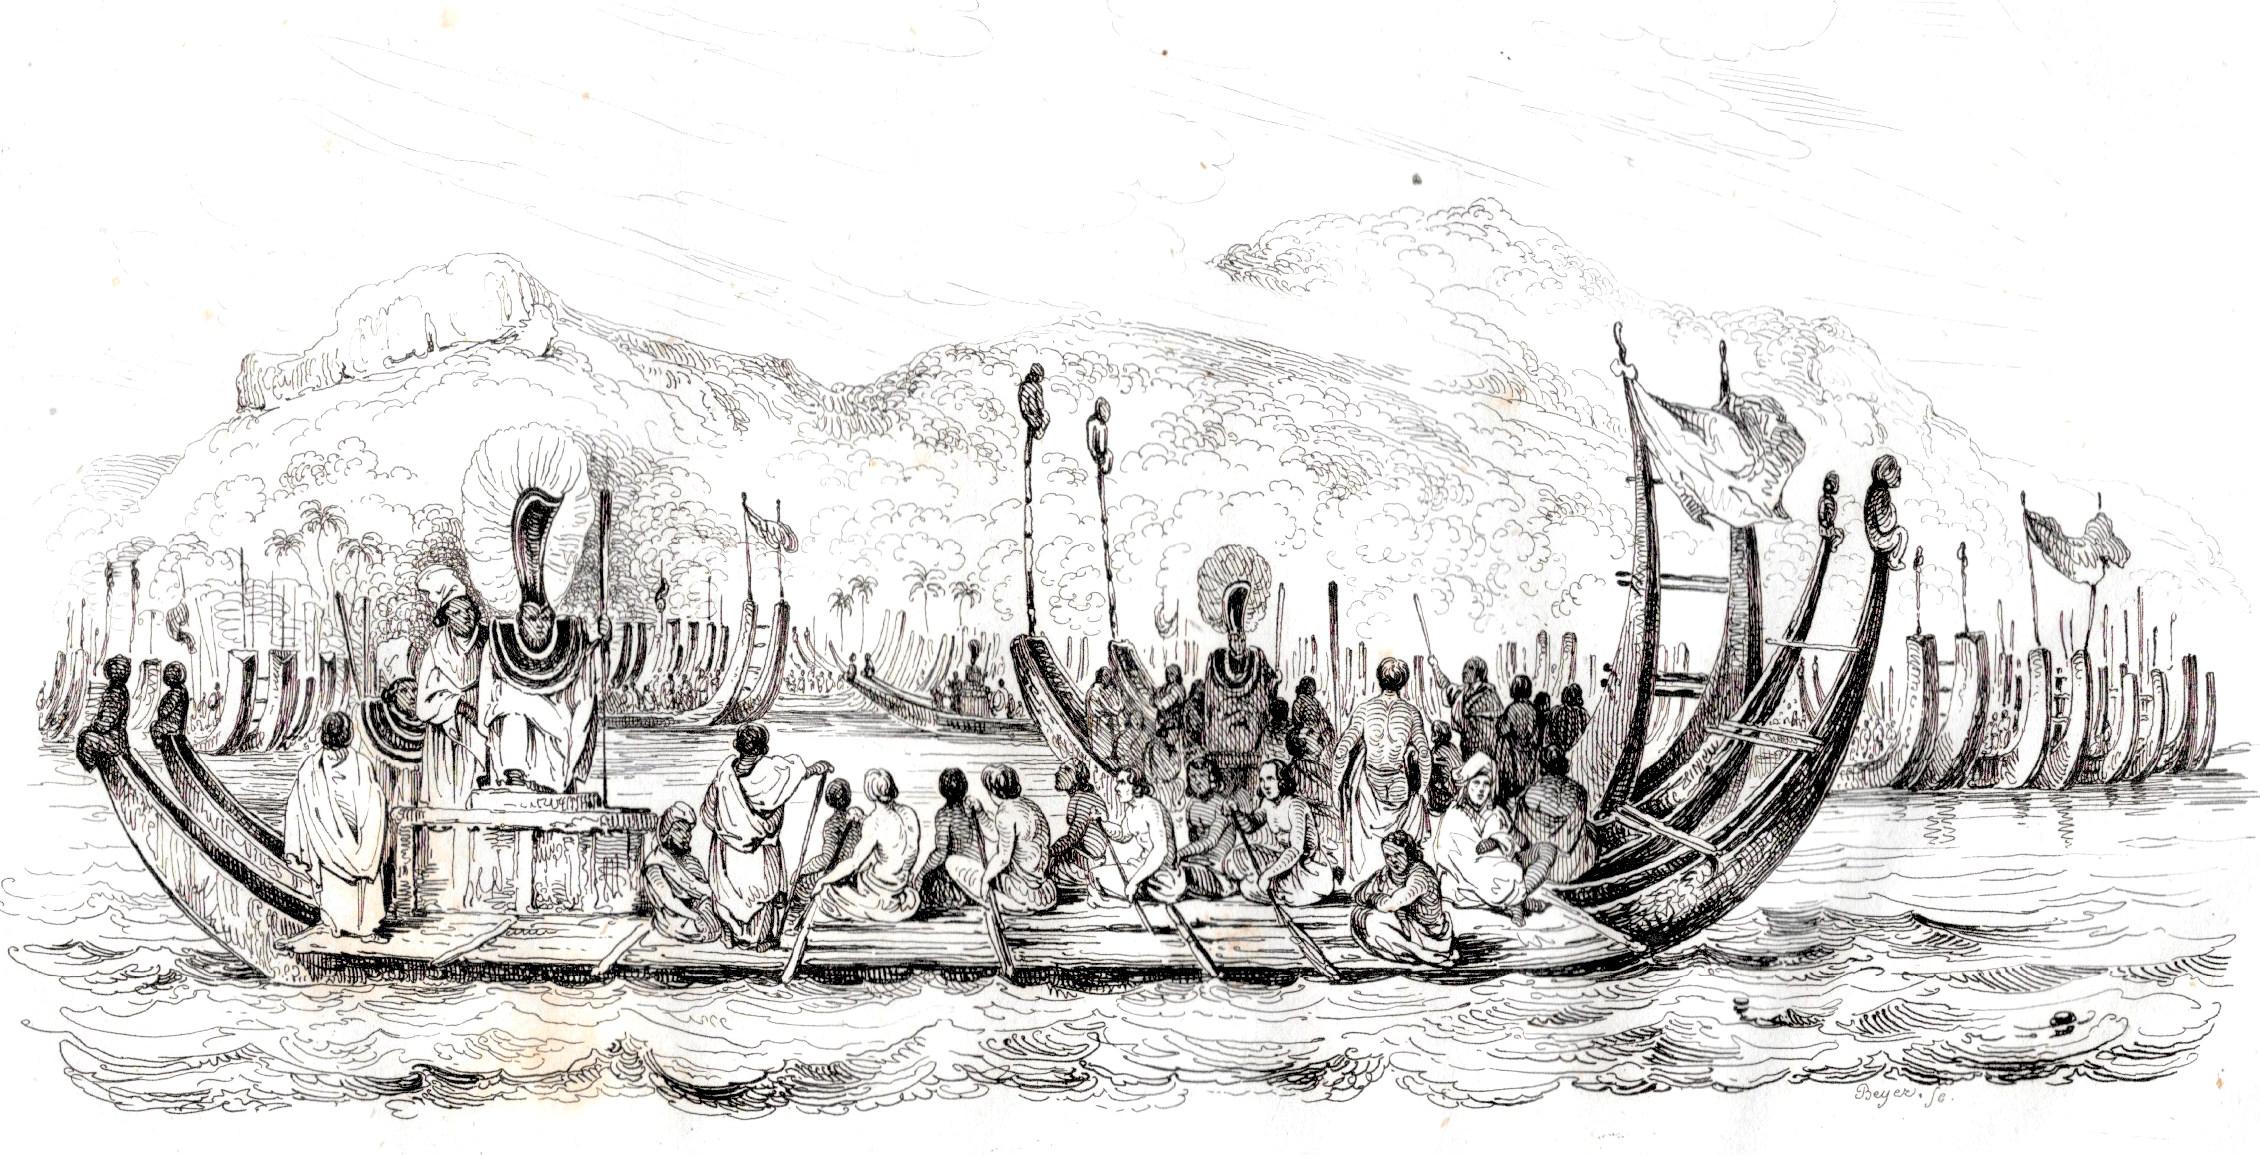 Flotte de pirogues doubles à Tahiti, une gravure qui a été copiée de très nombreuses fois.